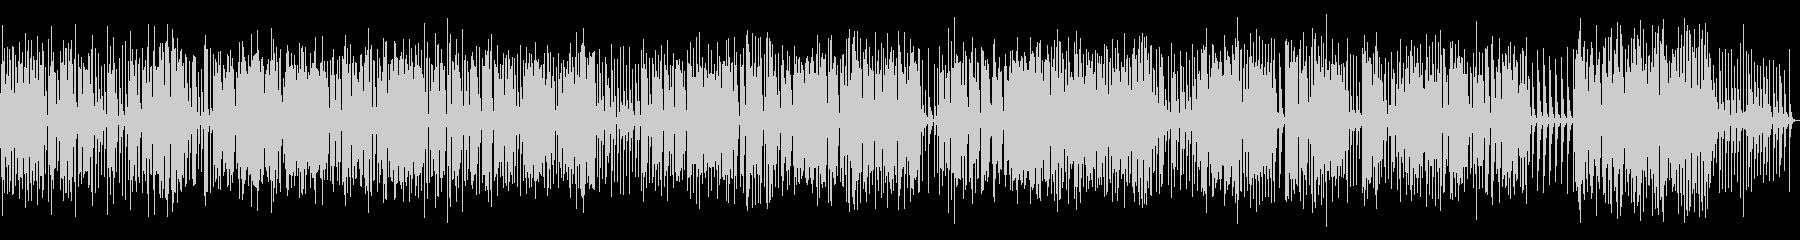 長尺オルゴール楽曲02-2(駆動音なし)の未再生の波形